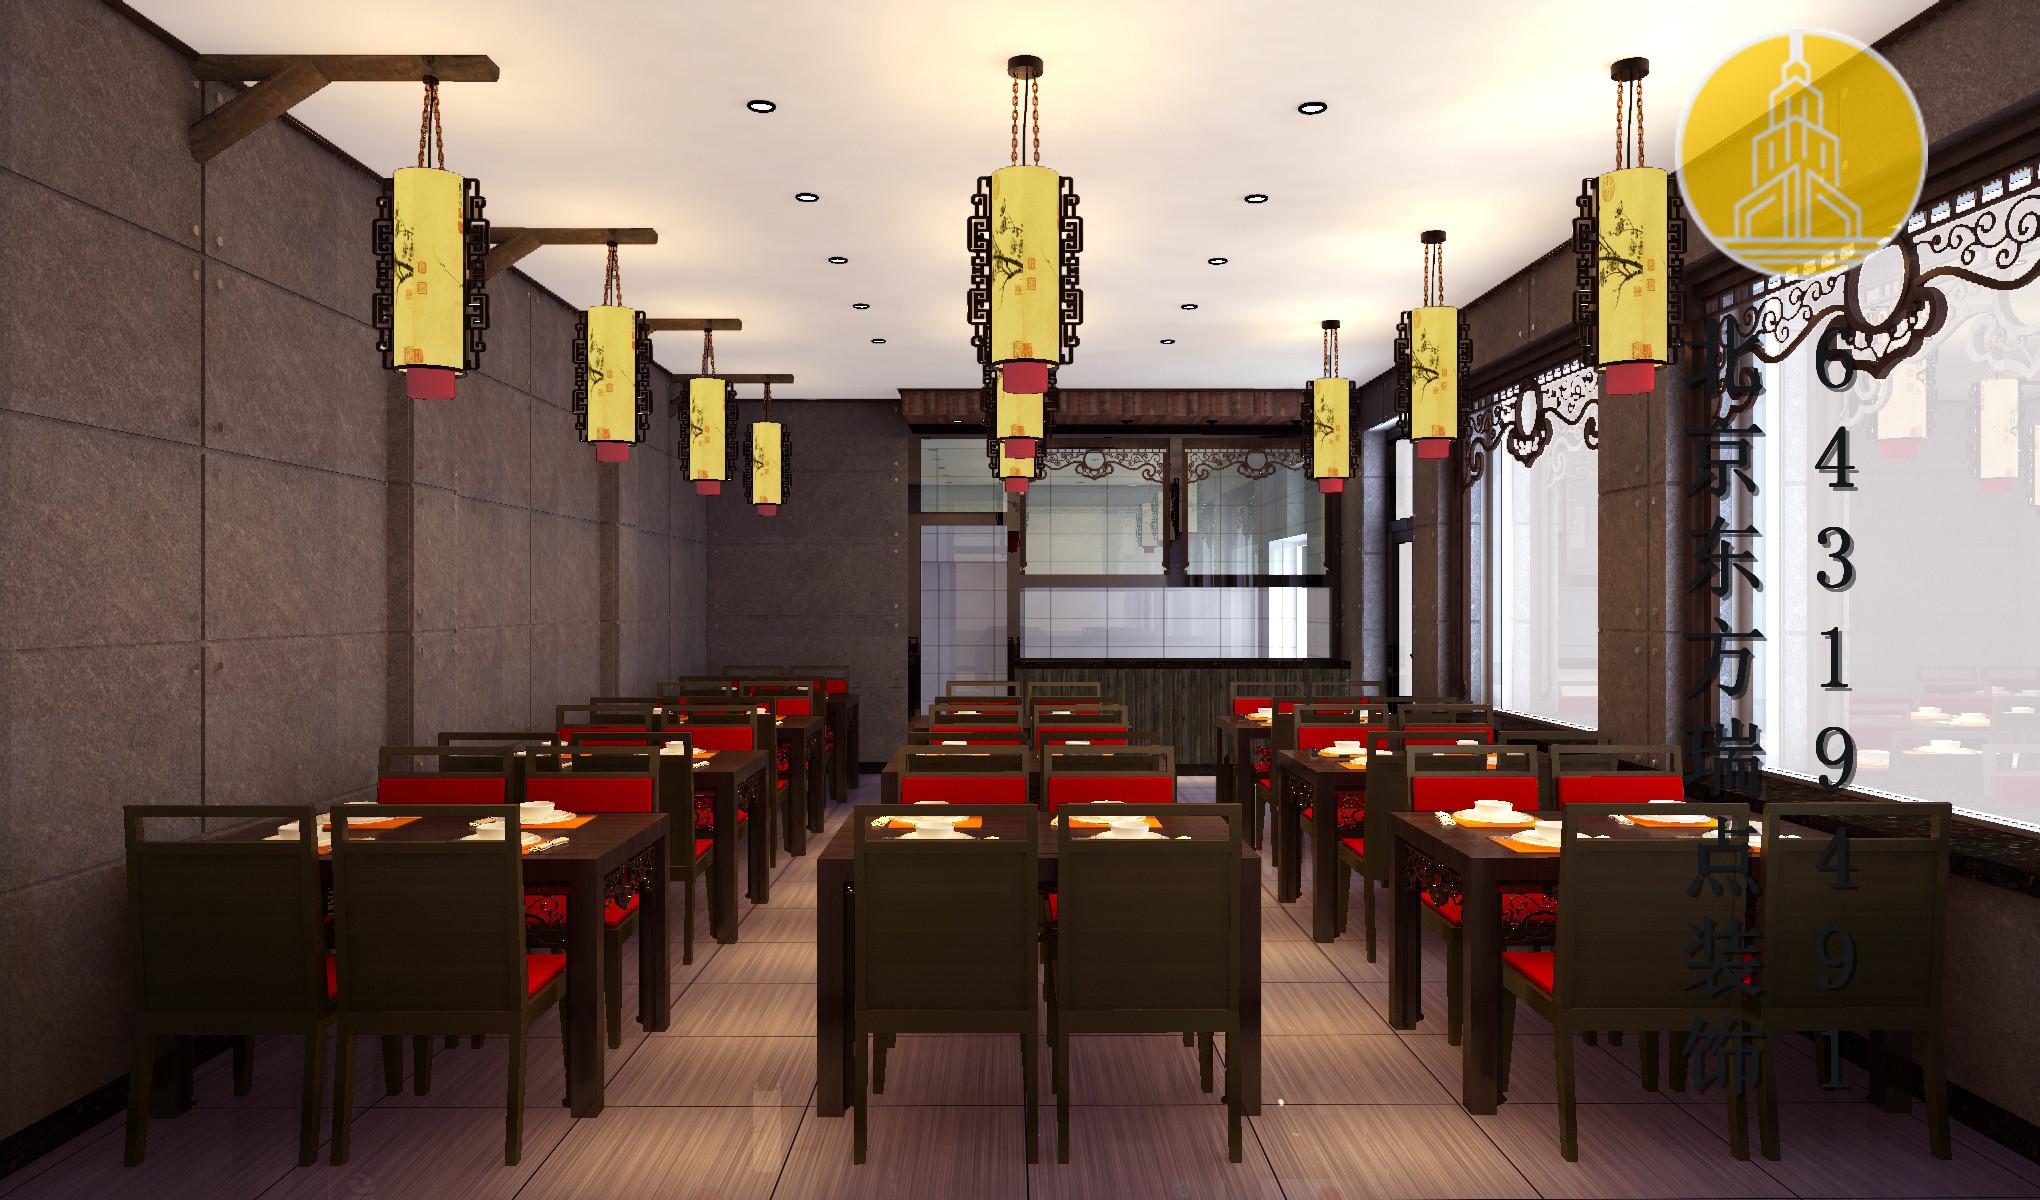 省钱装修大法:餐饮新人如何低成本装修出旺铺风格